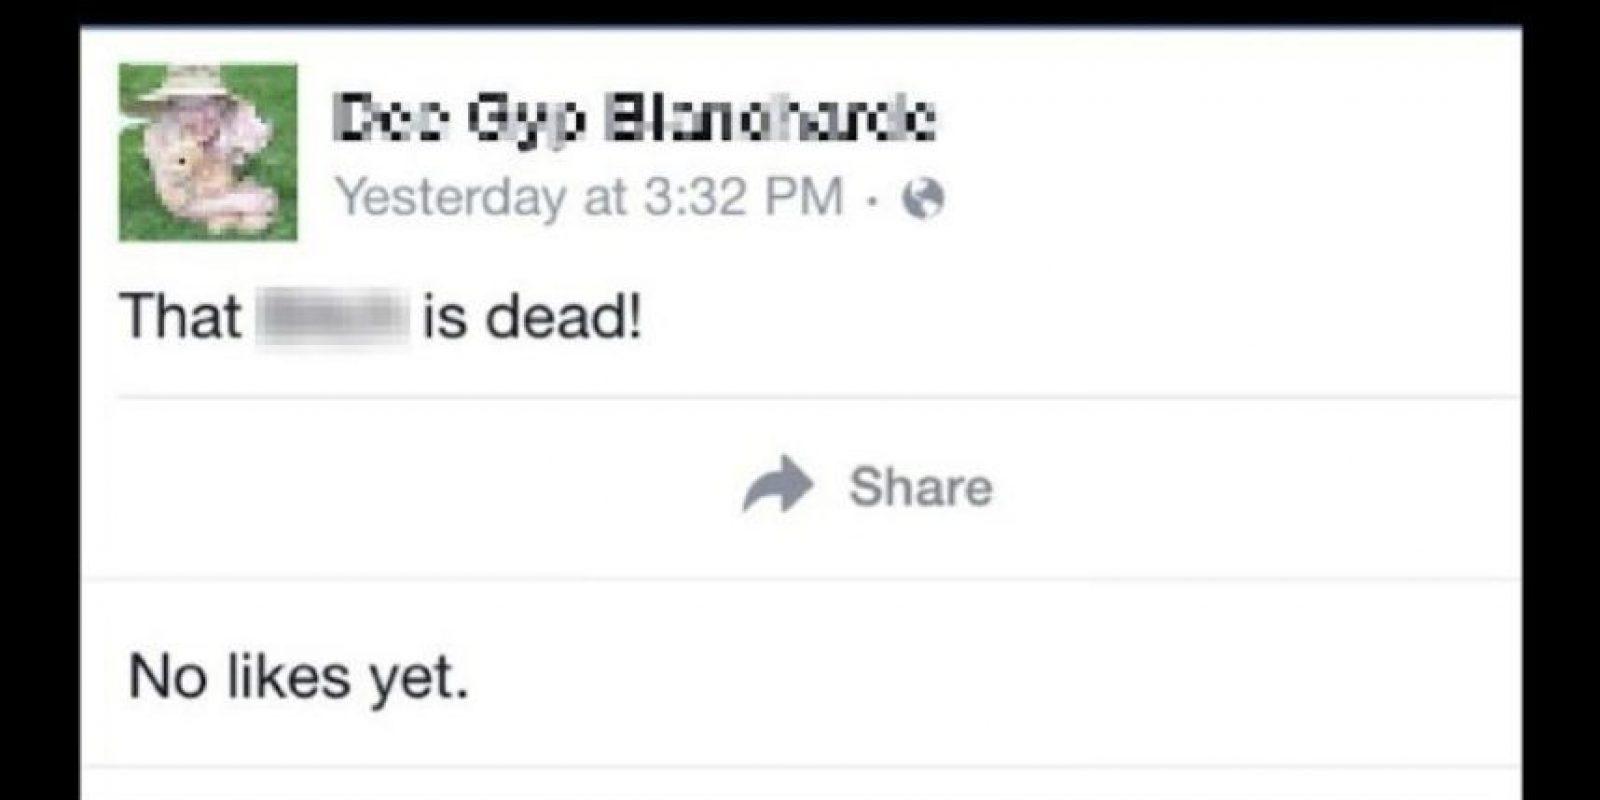 5. Asesino escribe en el Facebook de su víctima que la mató. El pasado lunes se publicó en Imgur una captura de pantalla de Facebook, en la que un supuesto asesino escribió en el perfil de su víctima. Foto:Vía Facebook